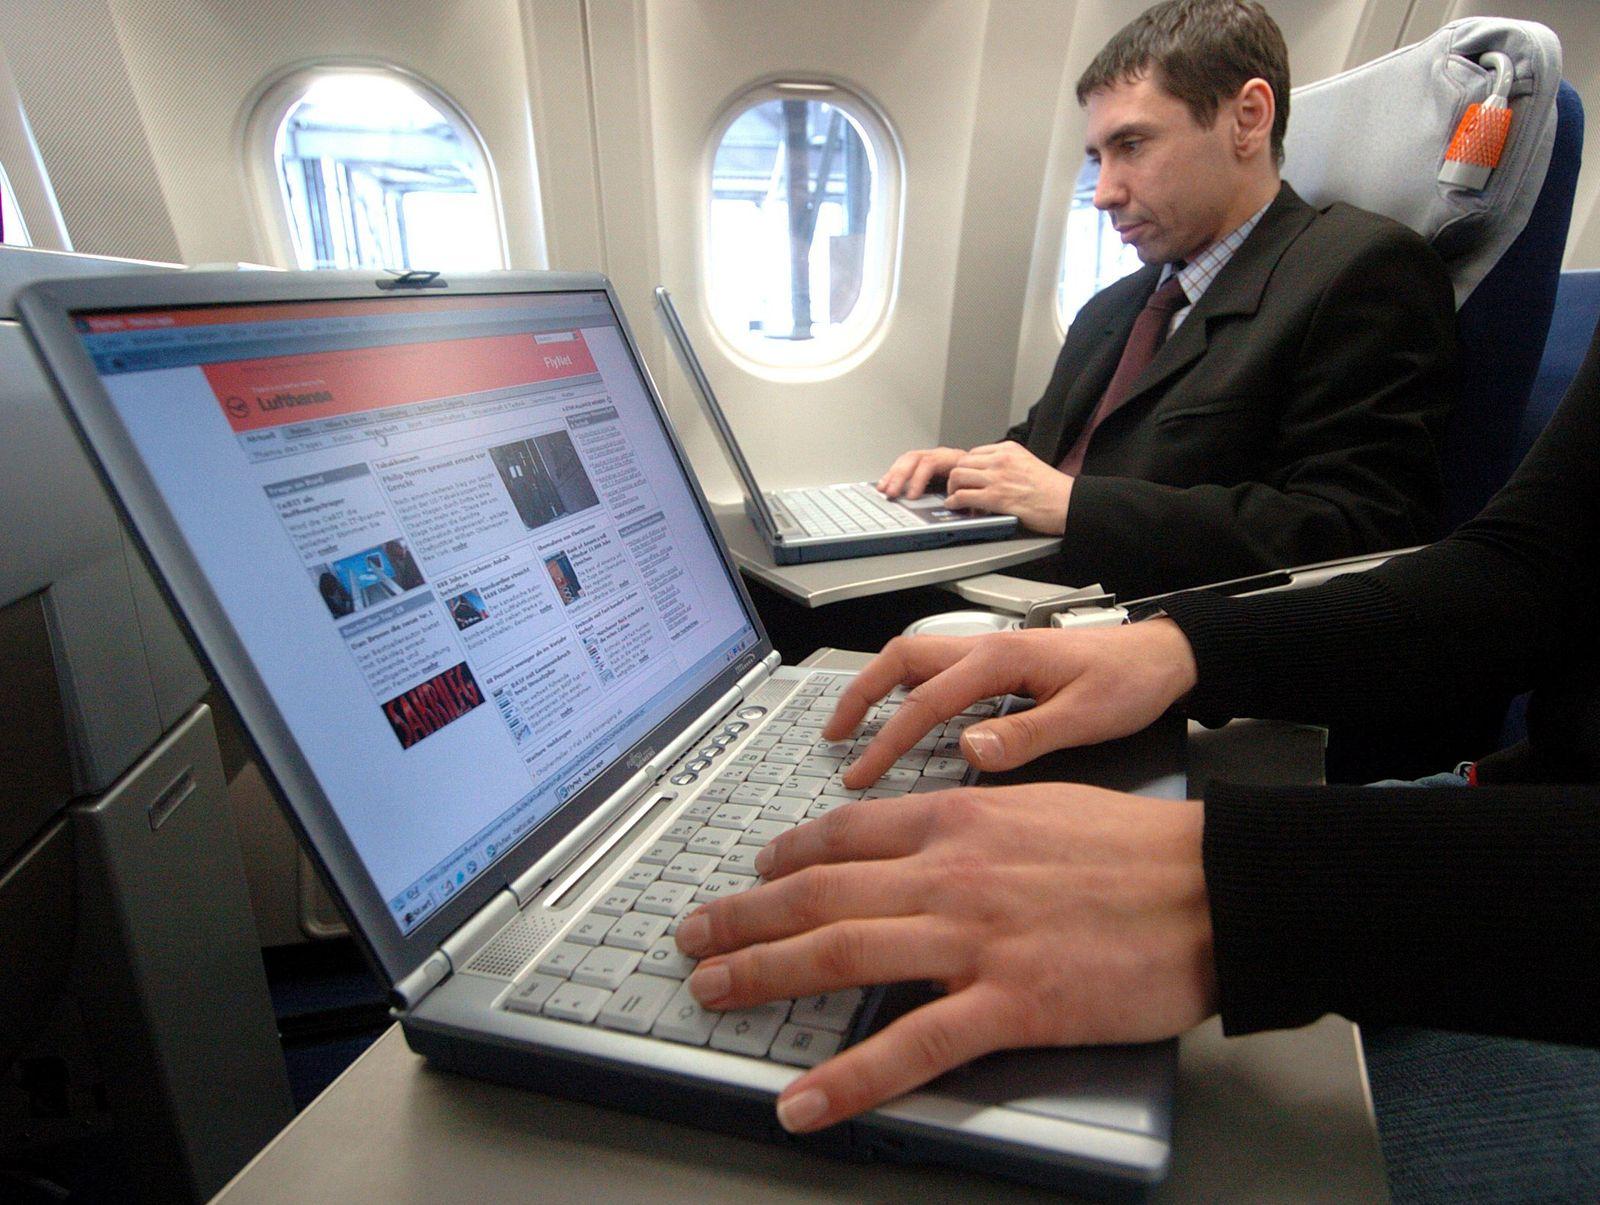 Lufthansa / Internet / Airbus A340